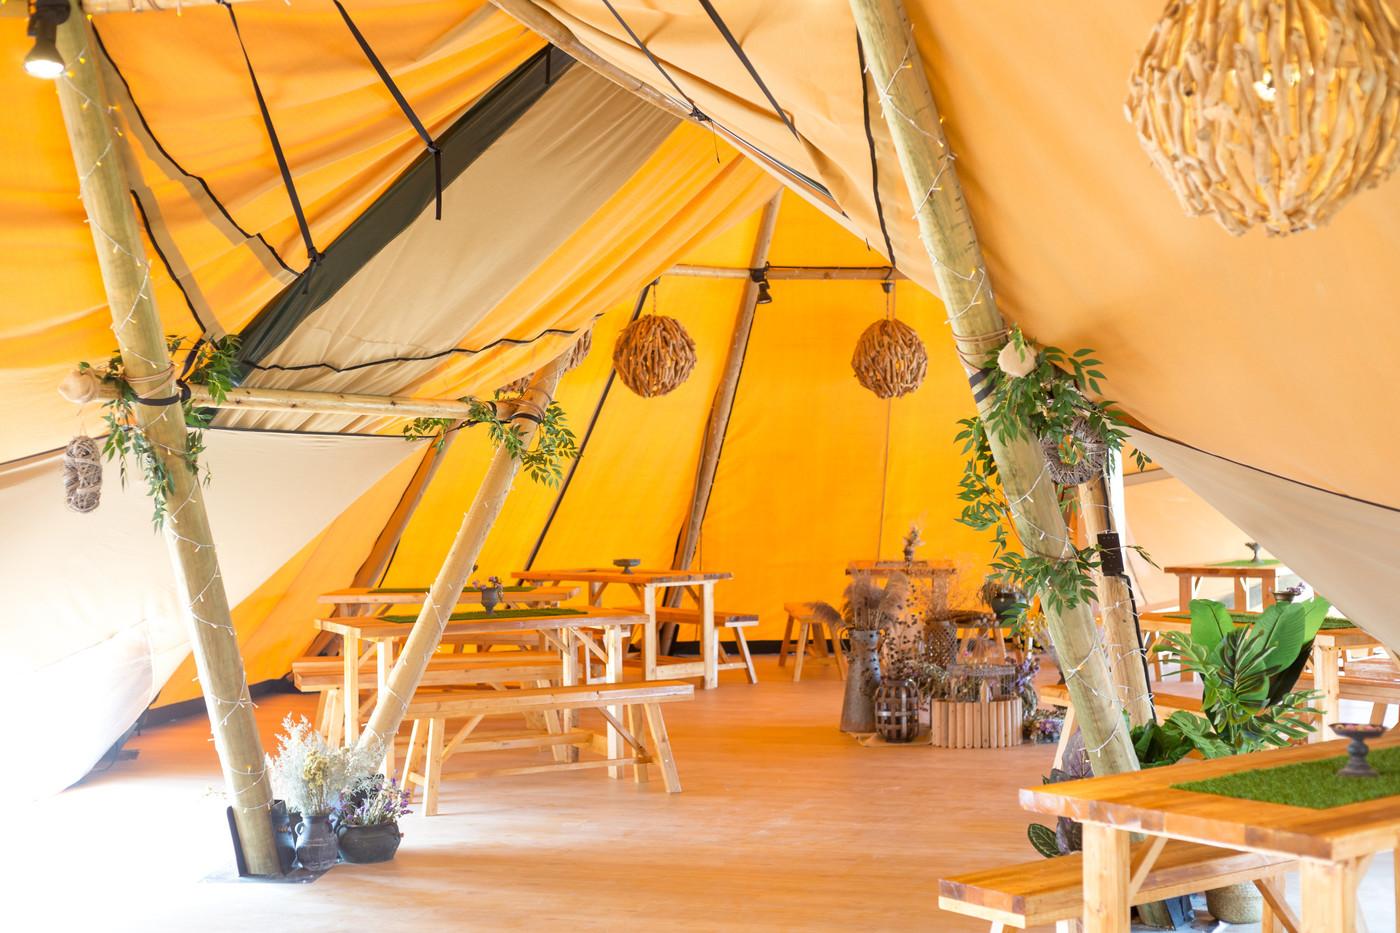 喜马拉雅印第安多功能大厅帐篷酒店35